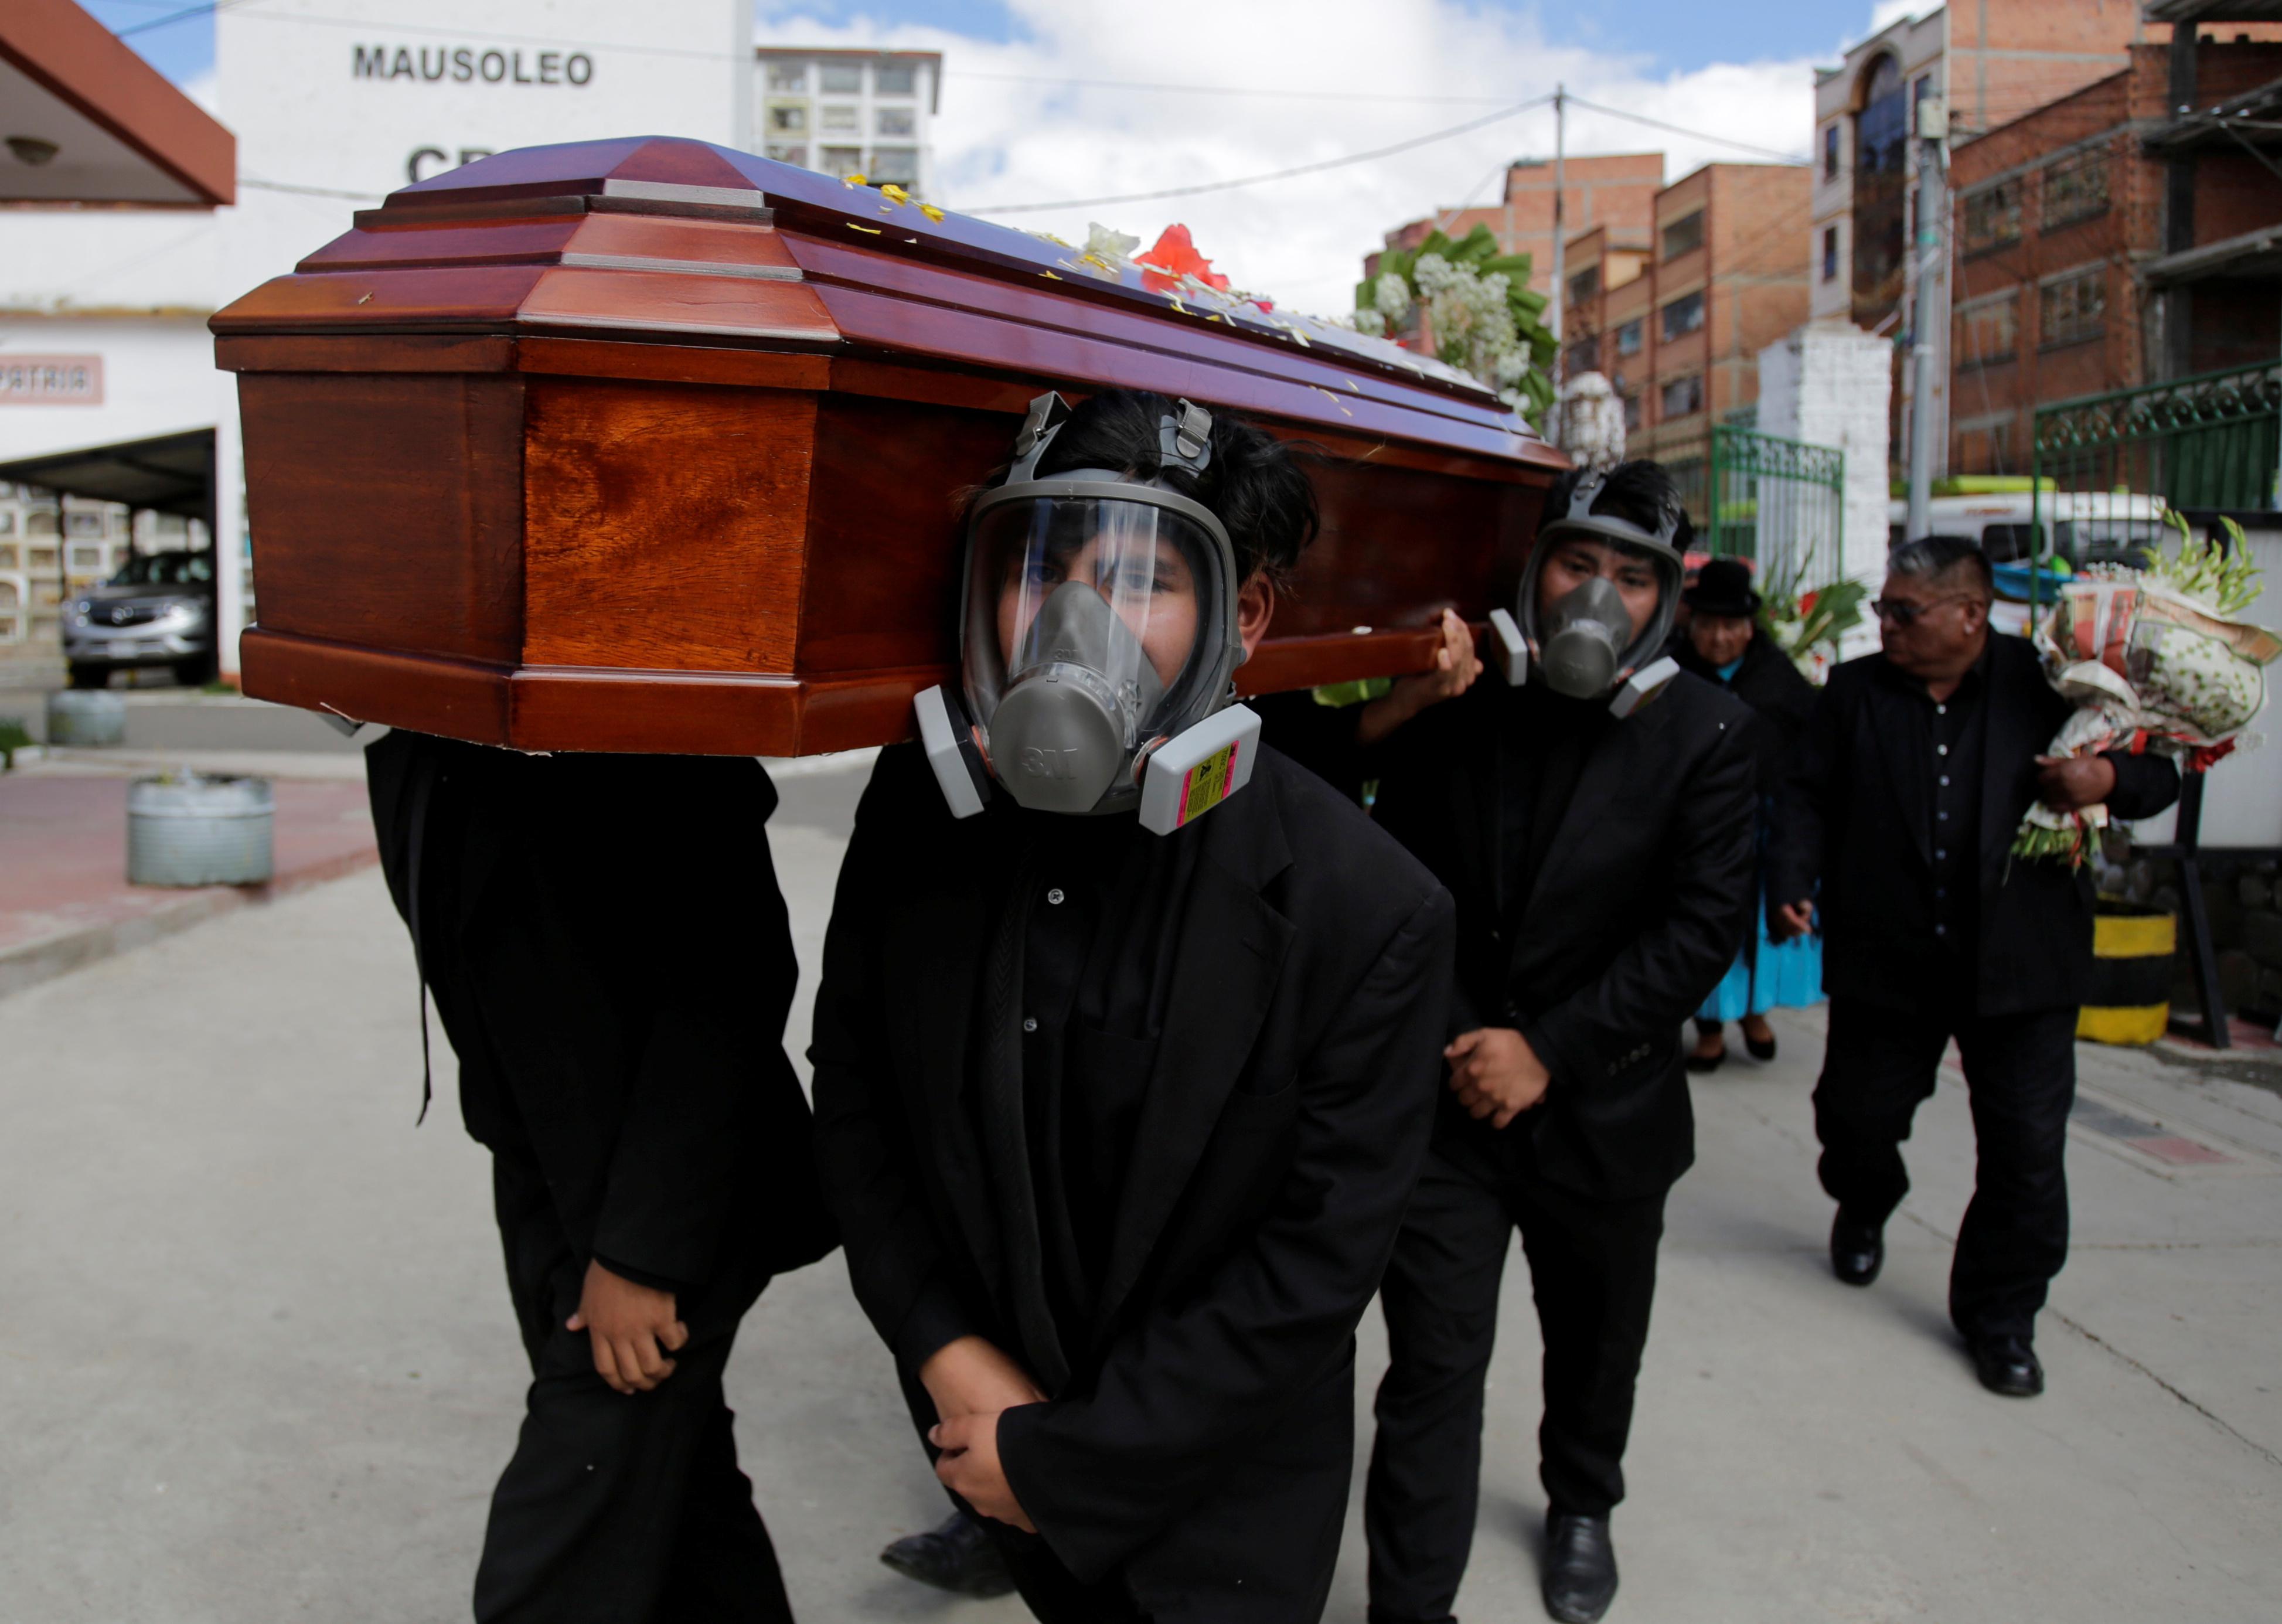 أثناء حمل تابوت يحمل جثة رجل توفي بنوبة قلبية ، لا علاقة لها بمرض الفيروس التاجي